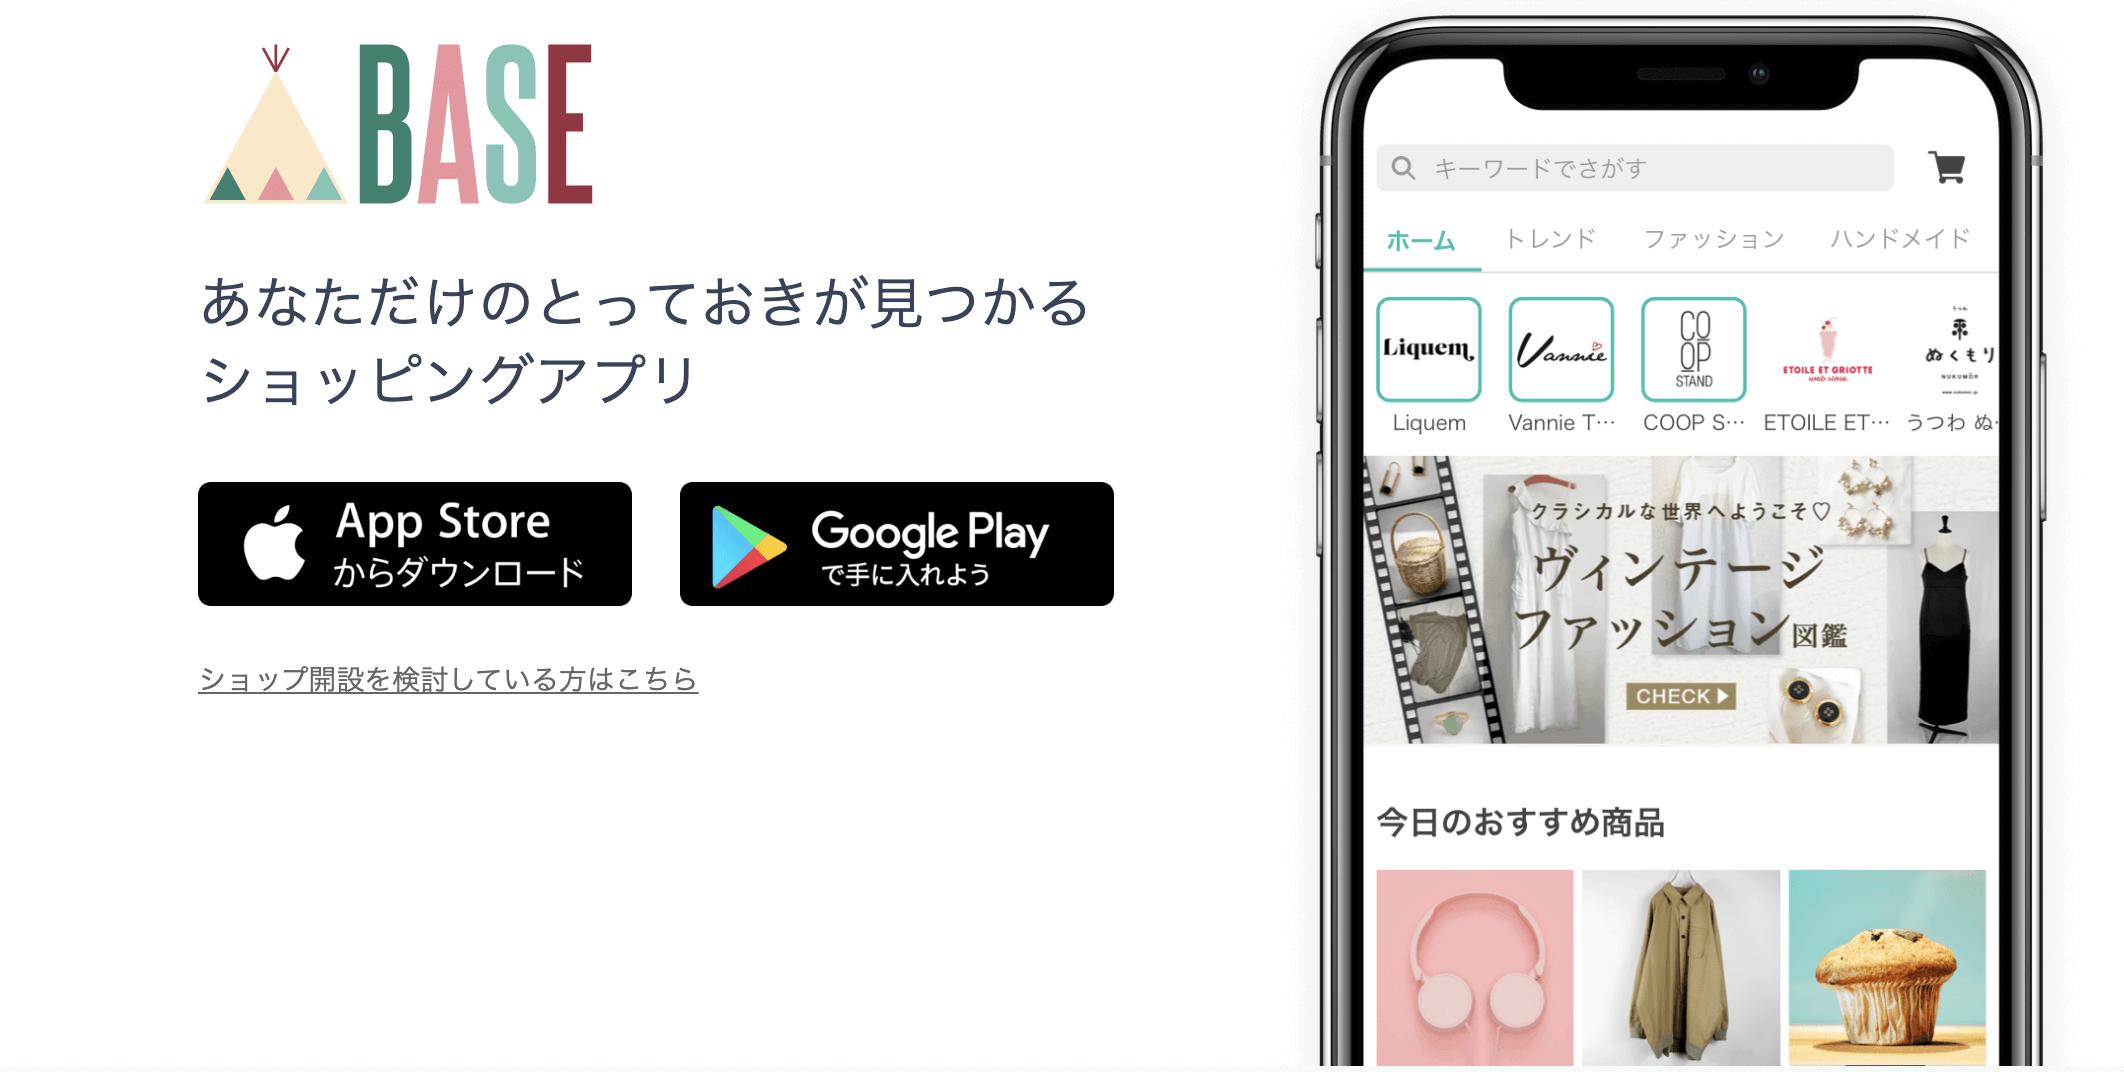 ショッピングアプリ「BASE」のイメージ画面